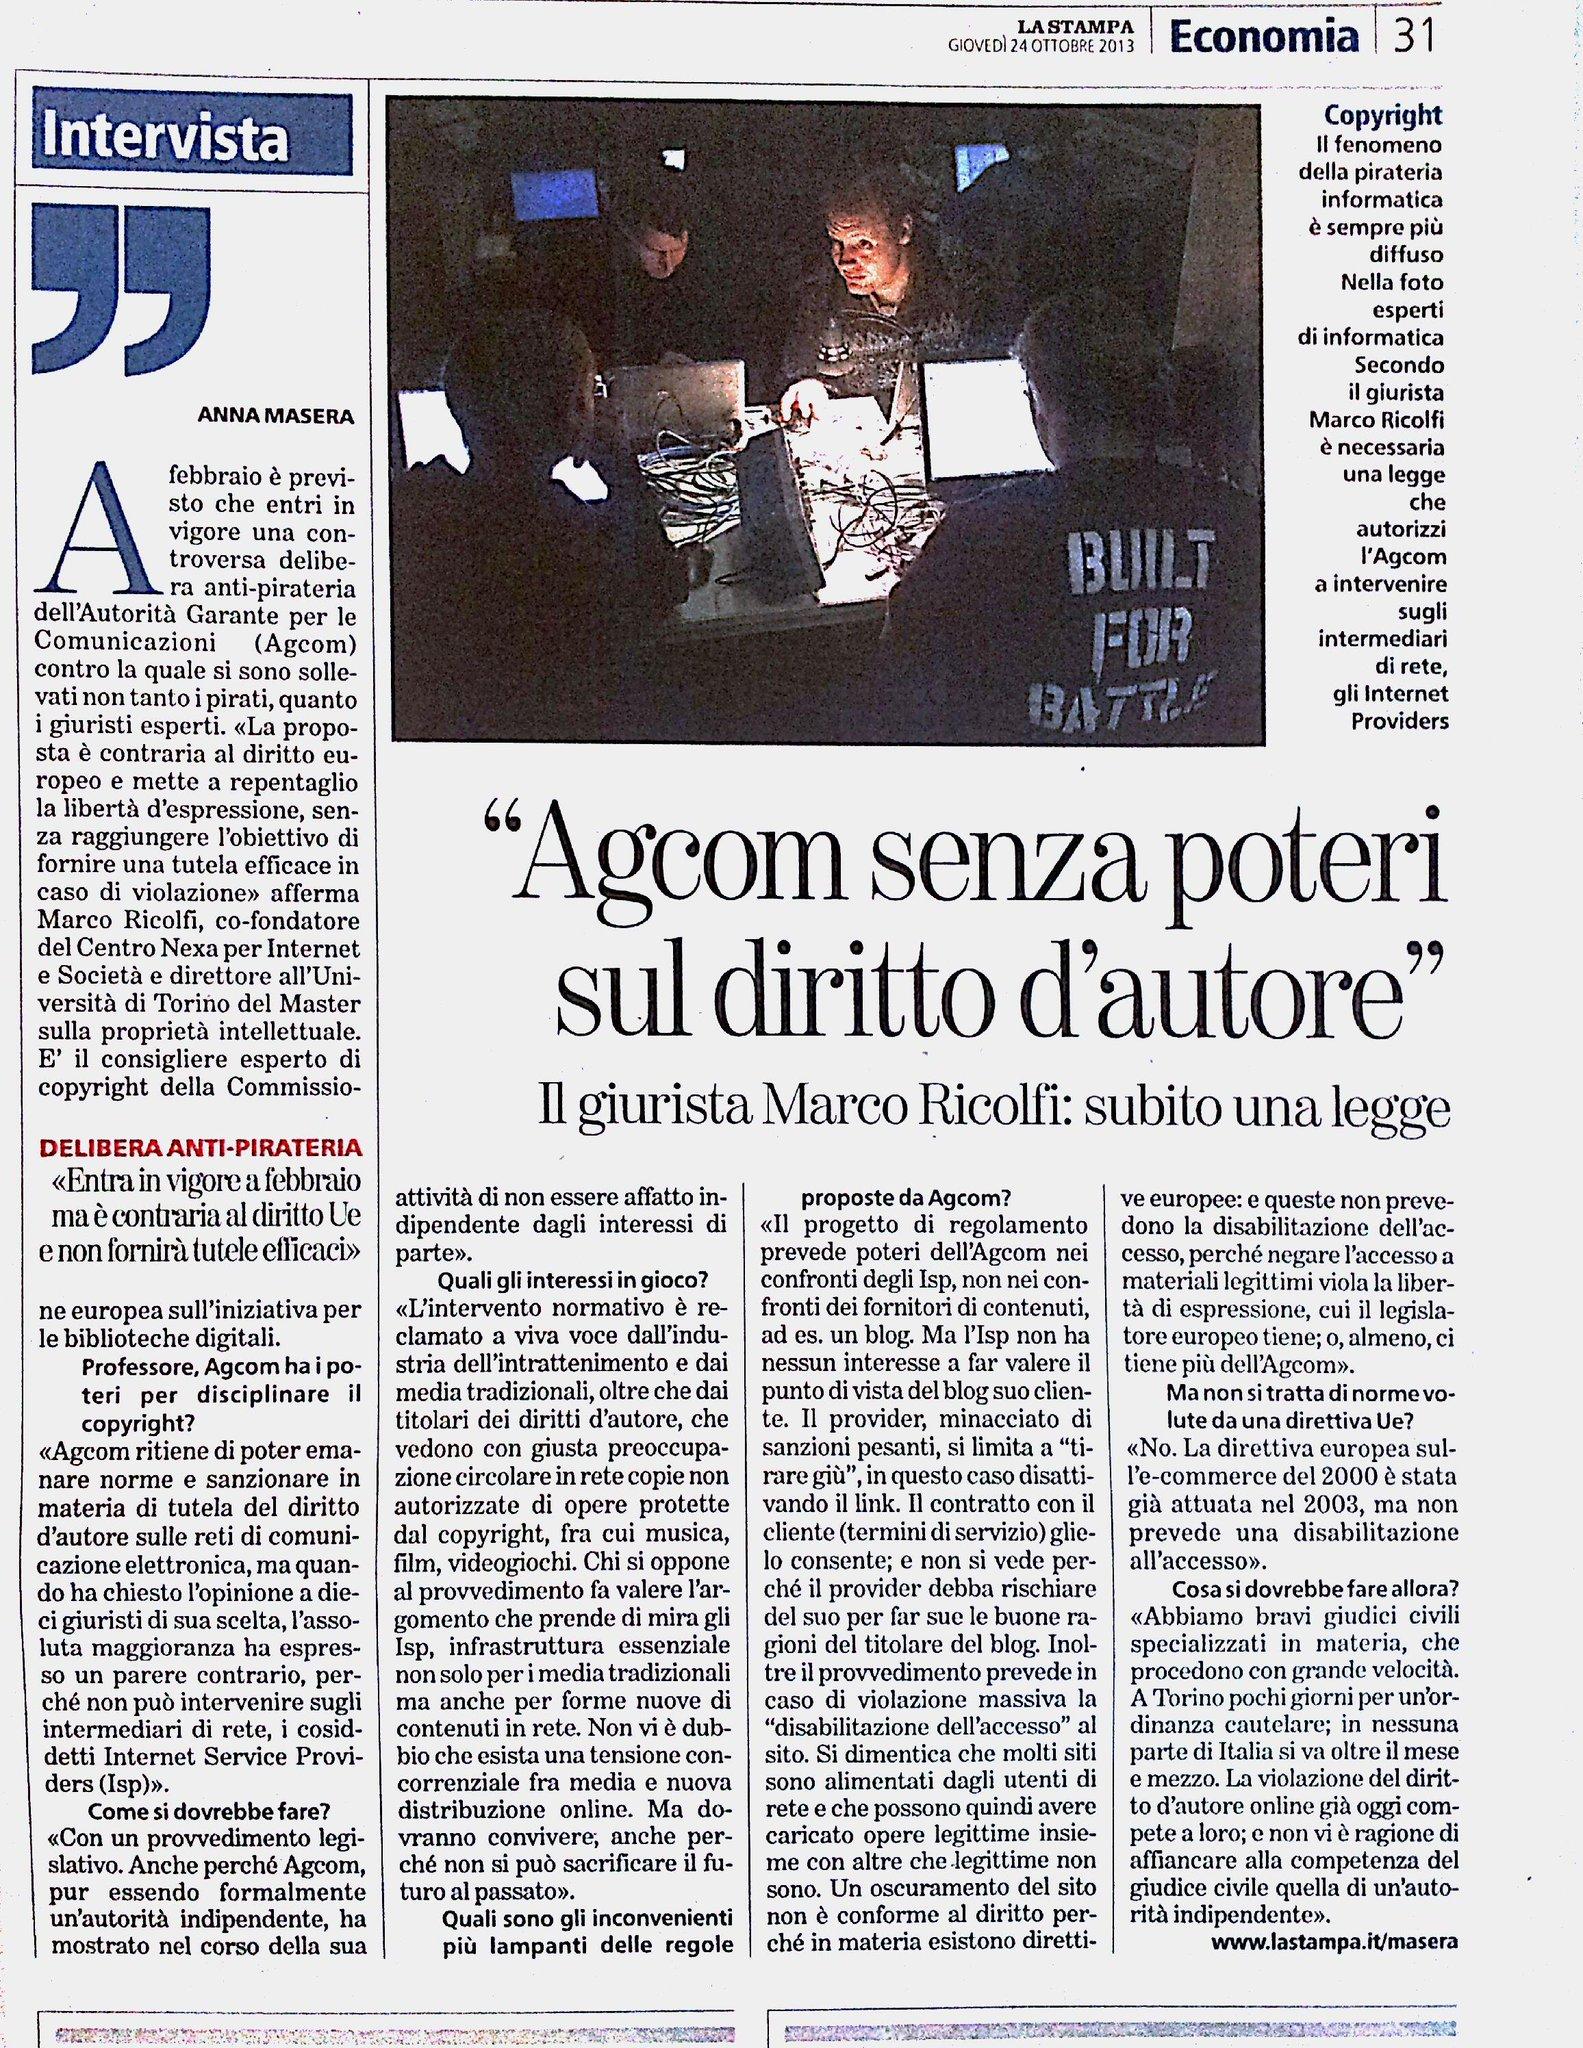 AGCOM senza poteri sul diritto d'autore. @annamasera intervista il Prof.Ricolfi. http://t.co/TmfHaHAk75